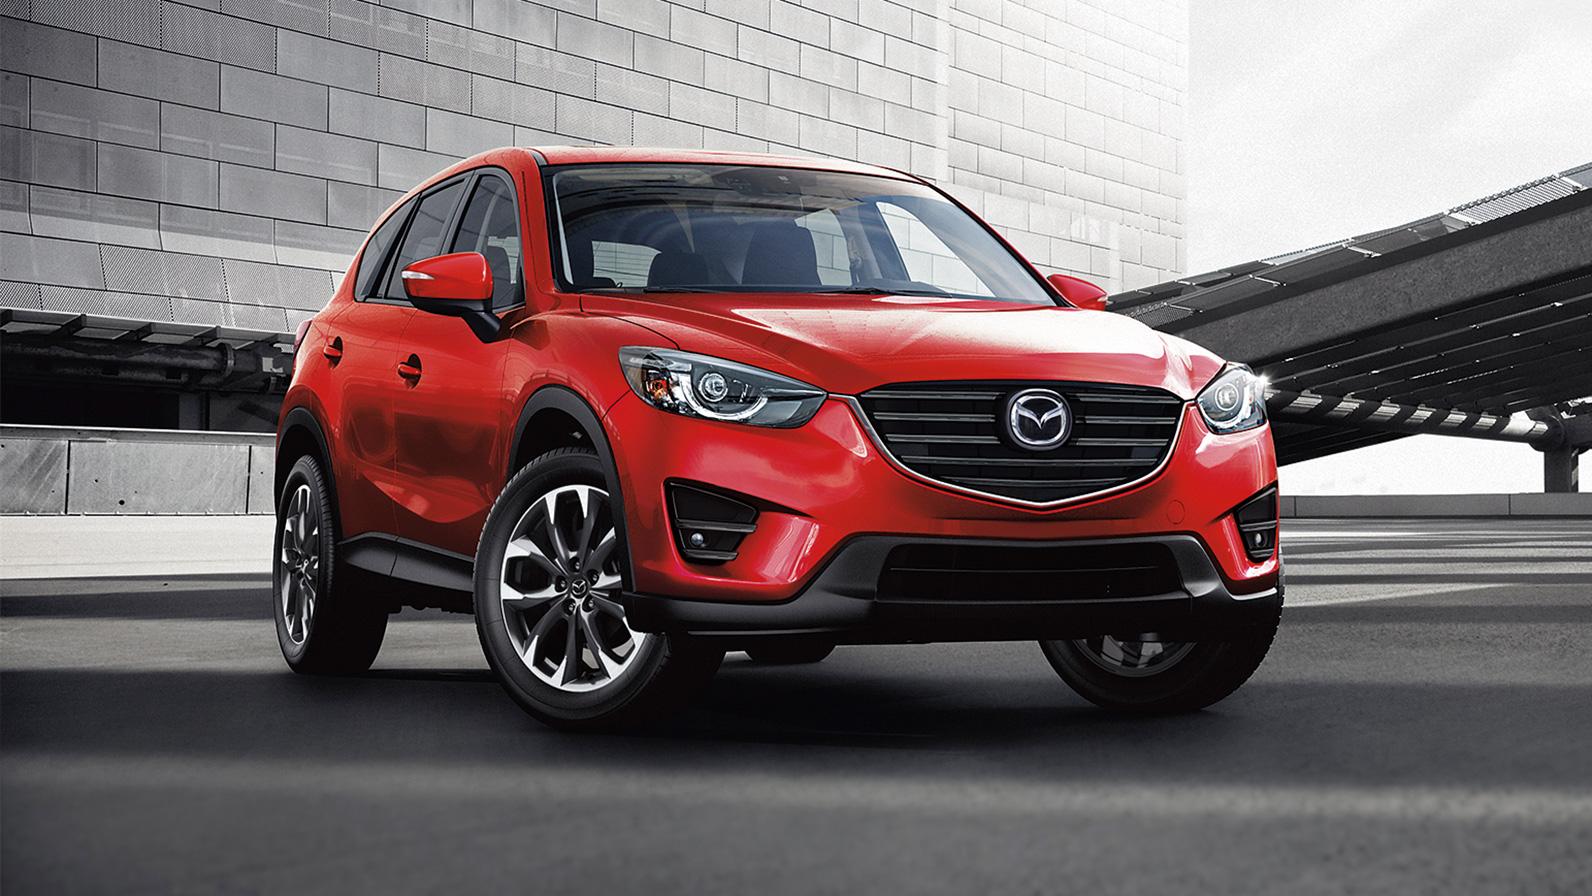 09-20165-Mazda-CX-5